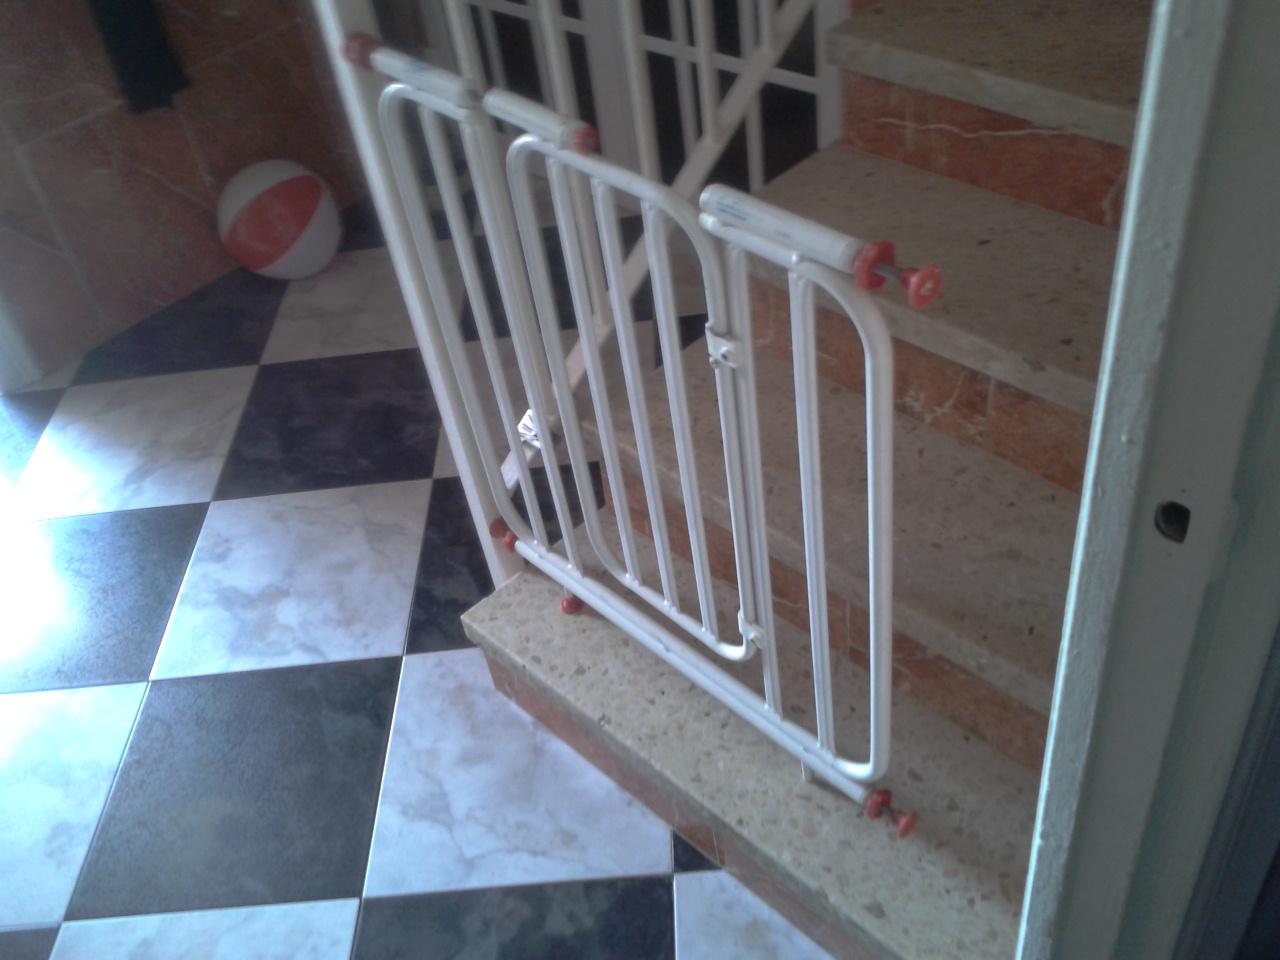 Un zero a la izquierda otra puertas en la escalera - Puertas escaleras bebes ...